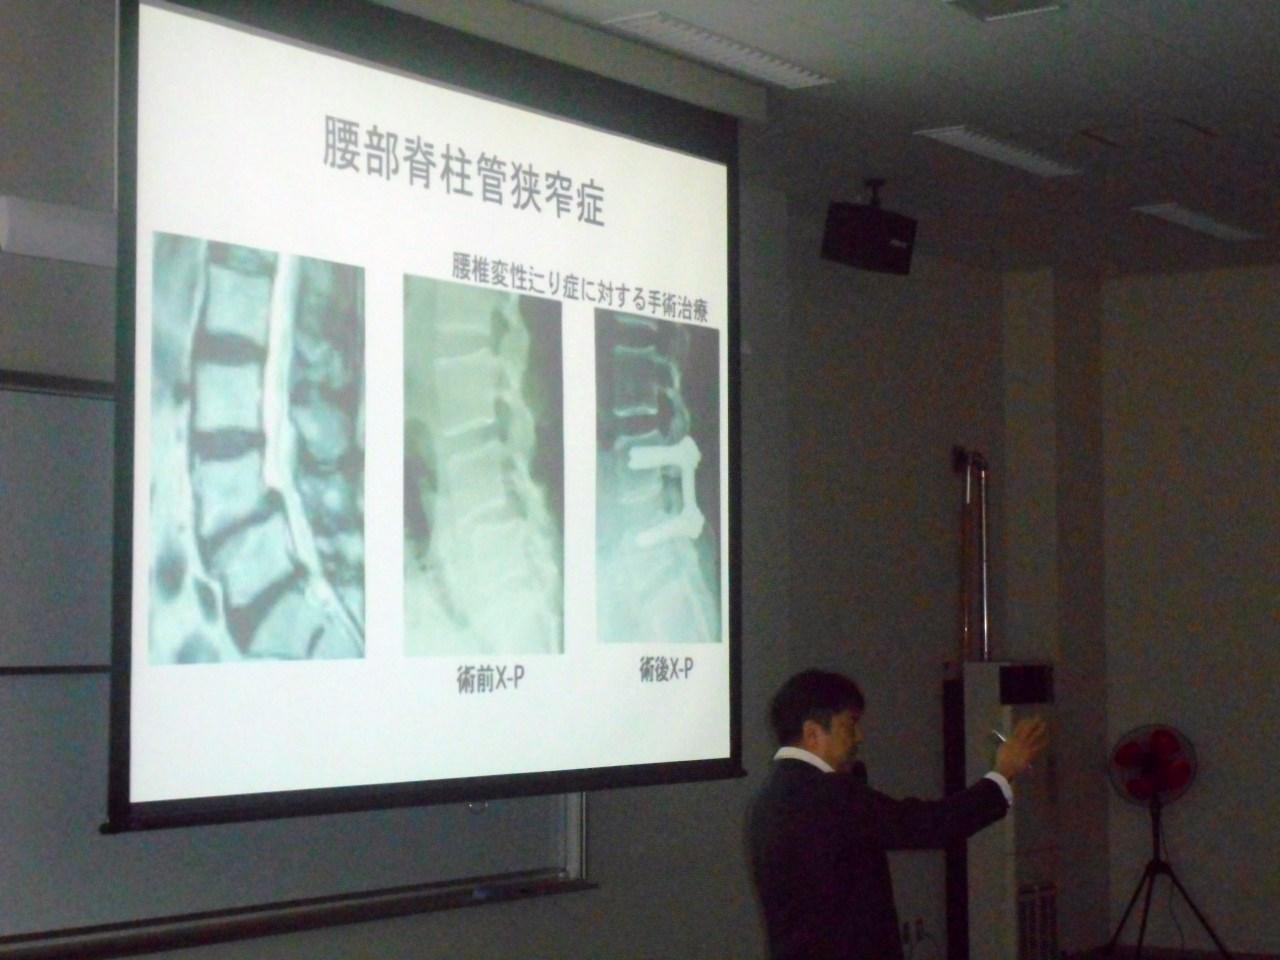 池上仁志院長が健康科学大学客員教授として講義を行いました。